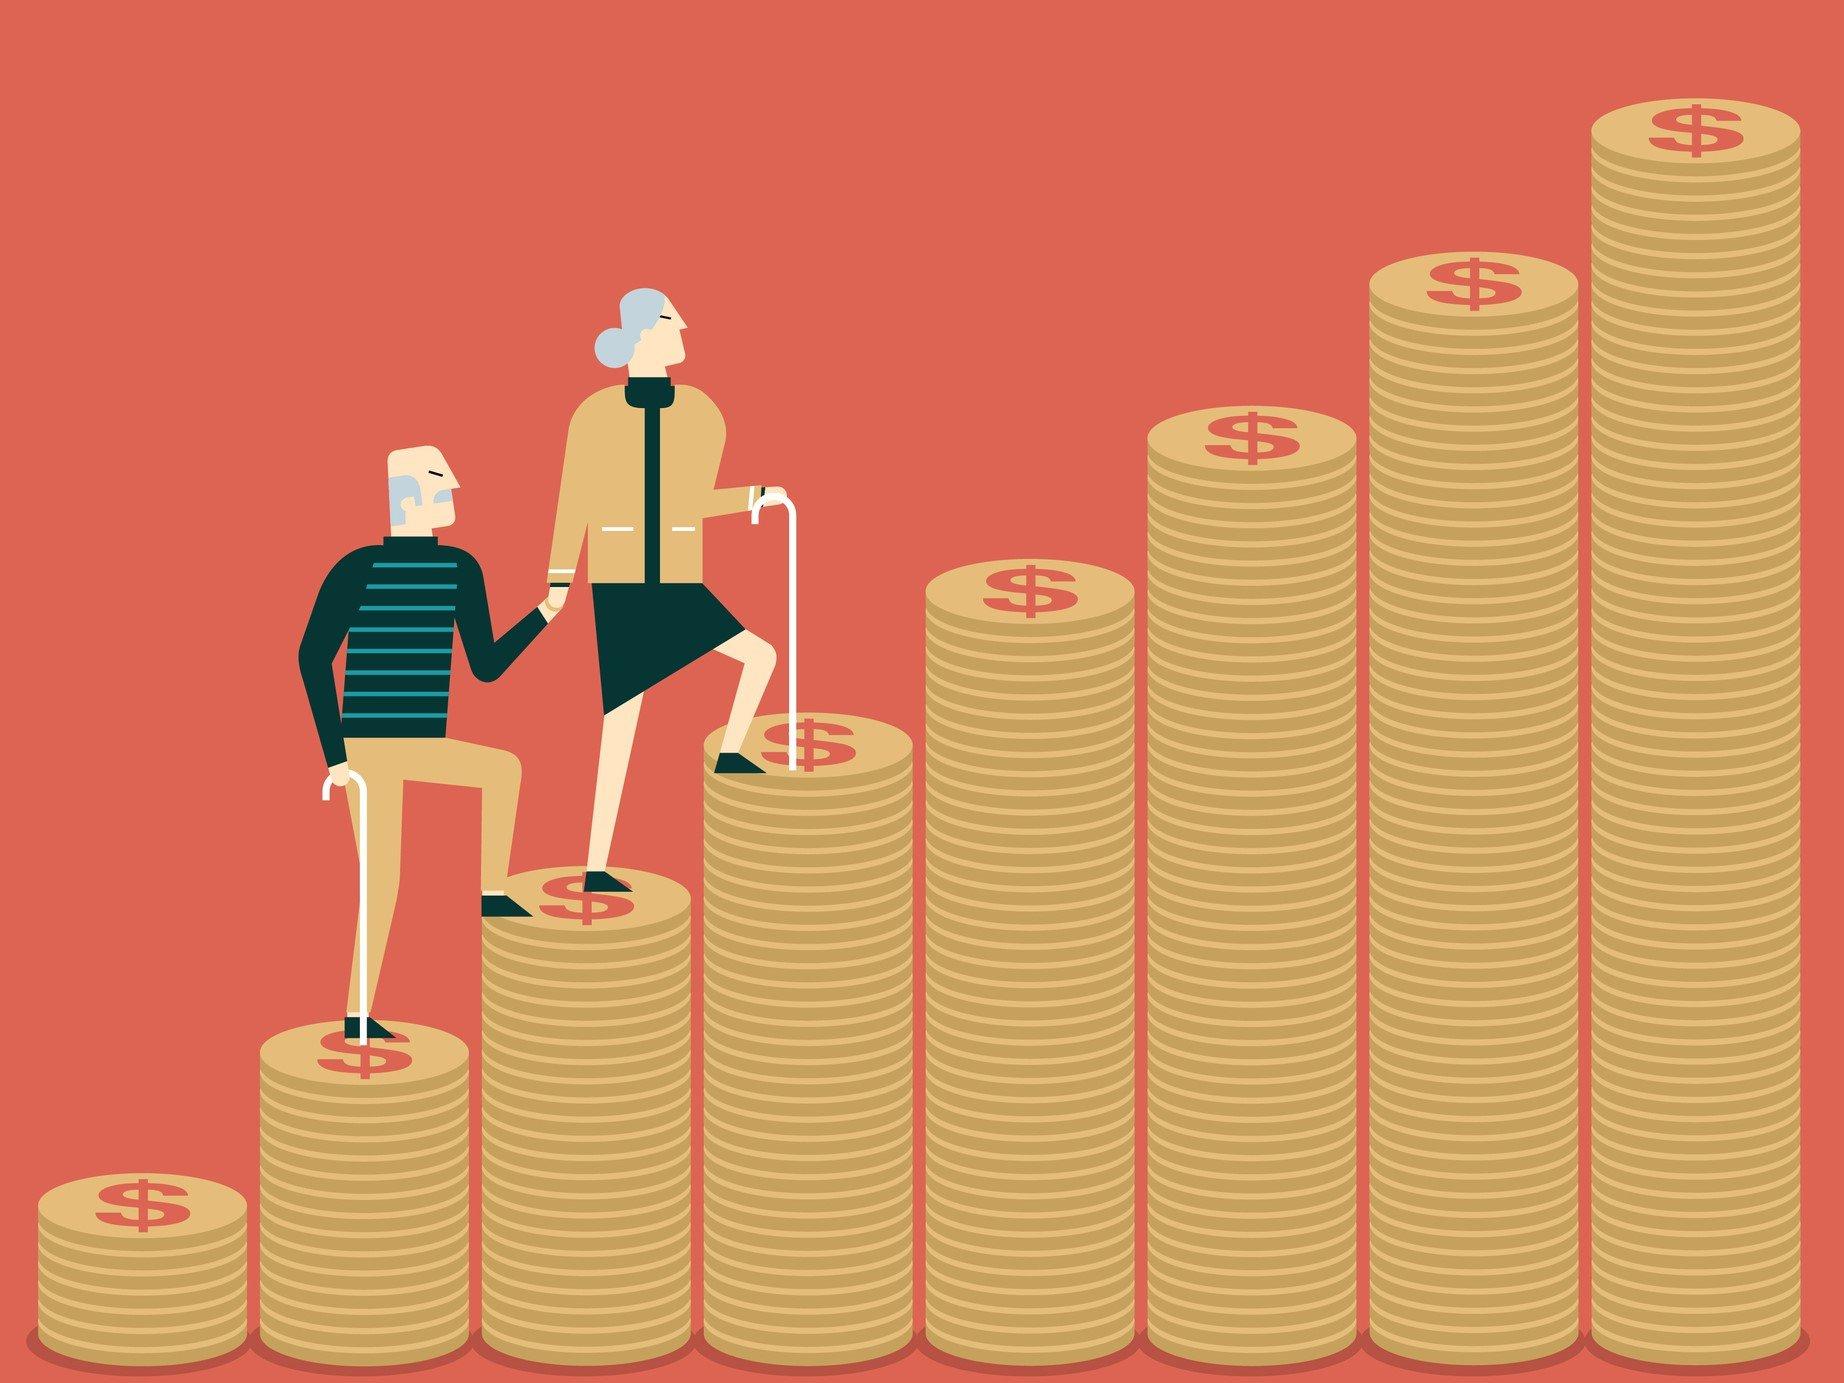 還暦定年60代、みんな貯金をいくら持っているか